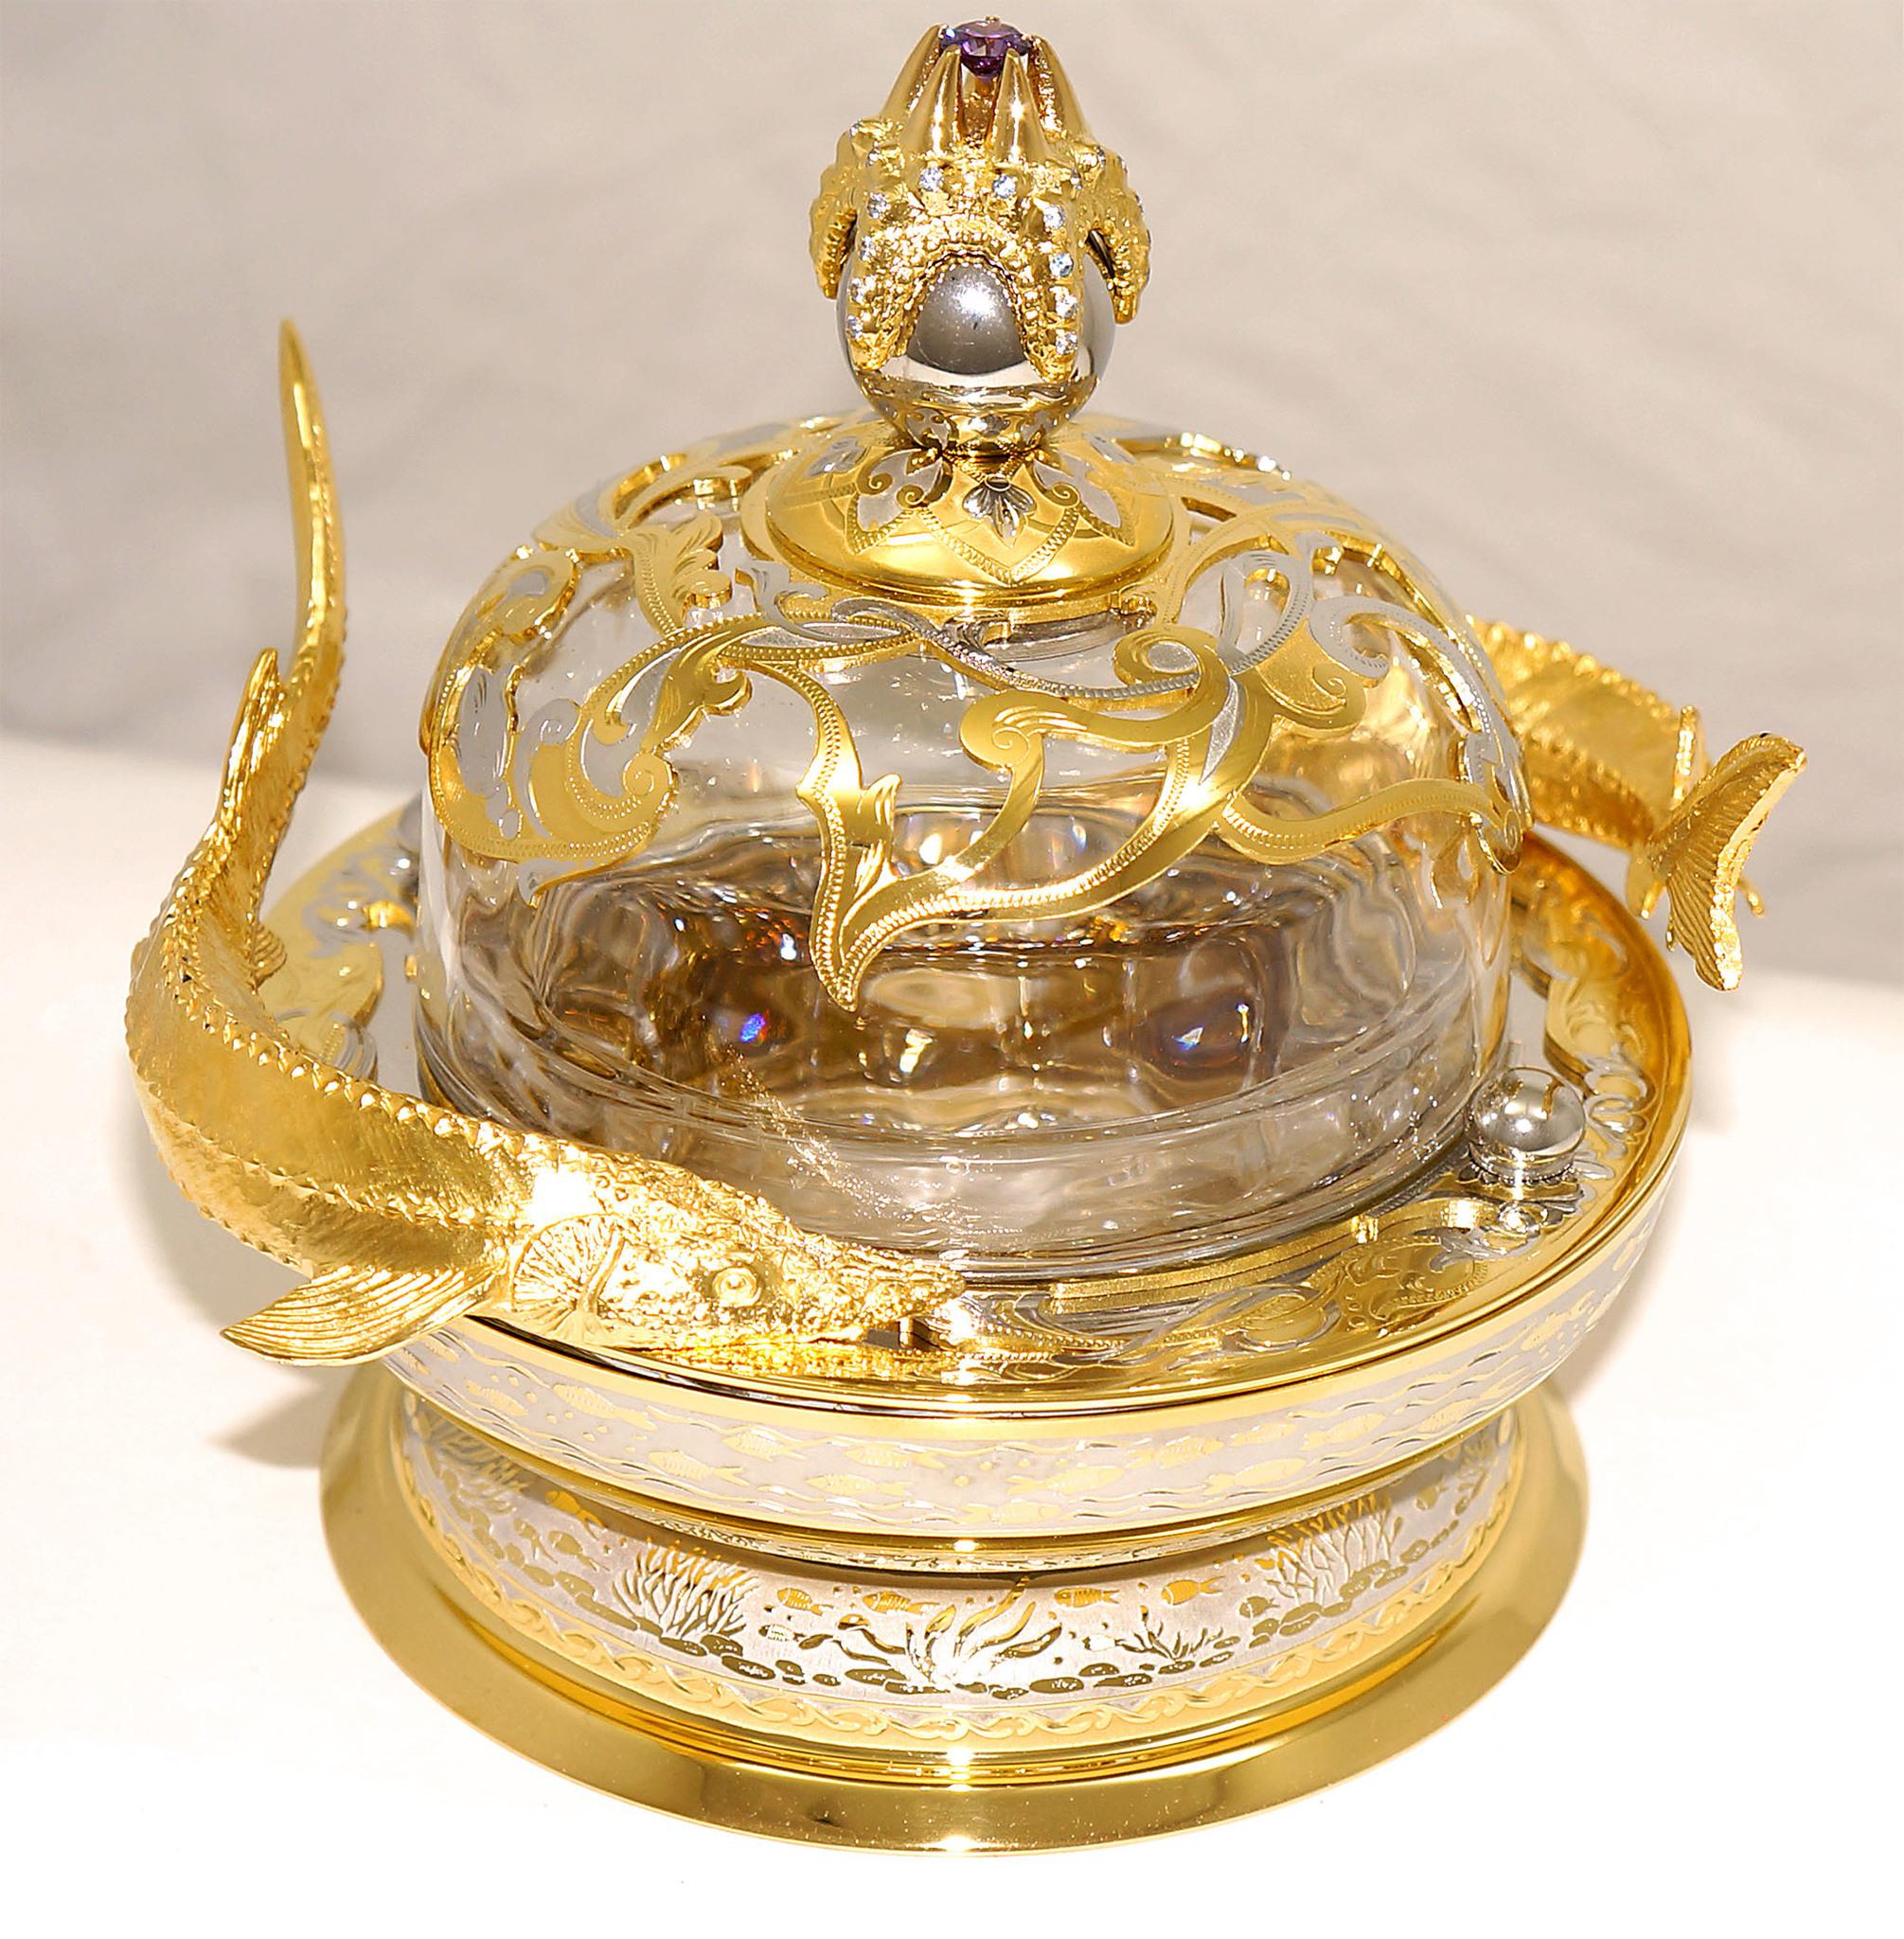 Посуда из Златоуста эксклюзив